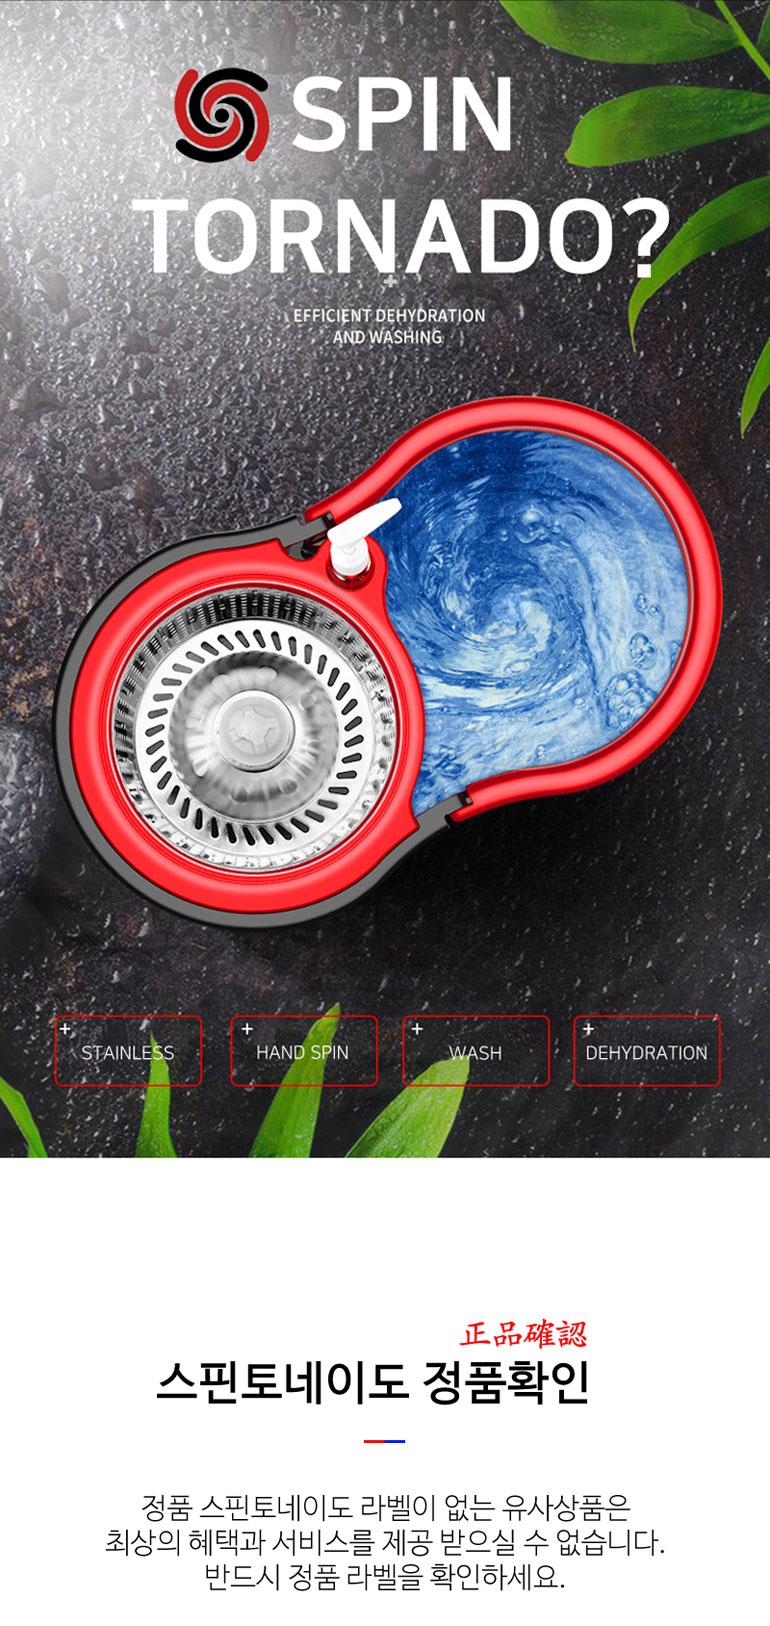 스핀토네이도 통돌이 회전걸레 (추가상품 극세사걸레) - 리빙디자이어9, 2,500원, 청소도구, 회전밀대